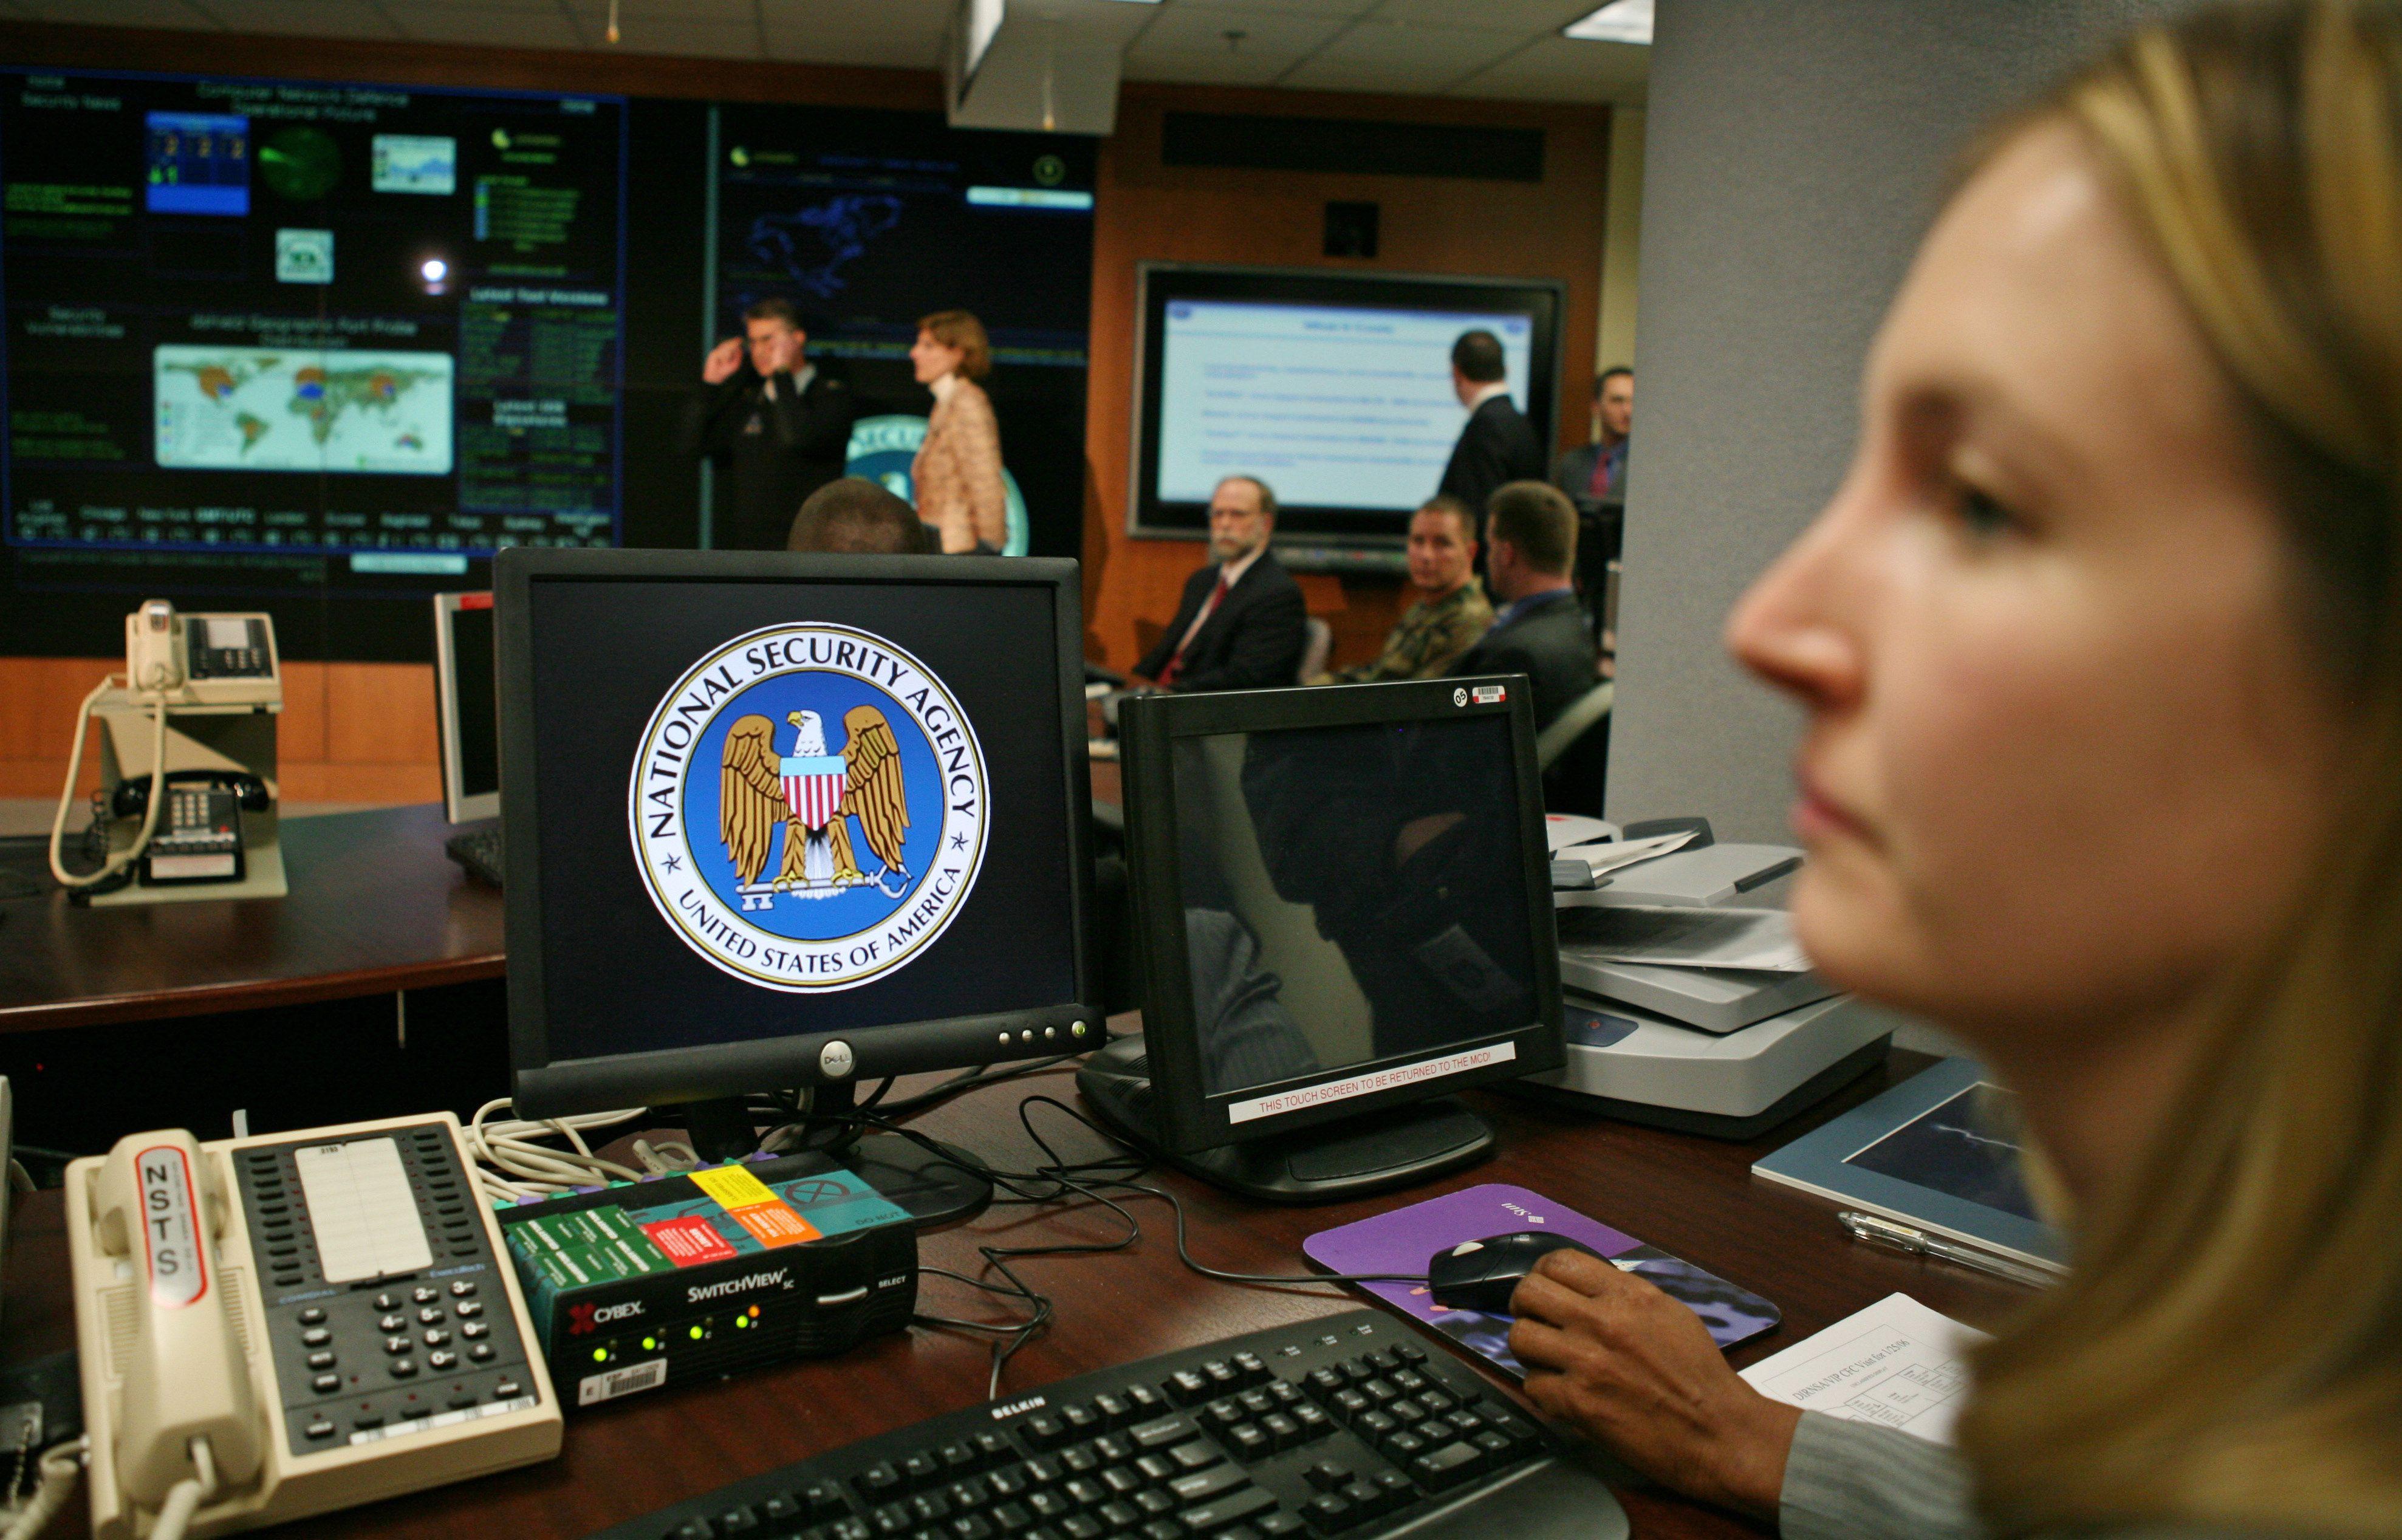 La NSA, agence d'espionnage américaine, est au coeur d'un scandale d'écoutes et de surveillance d'internet